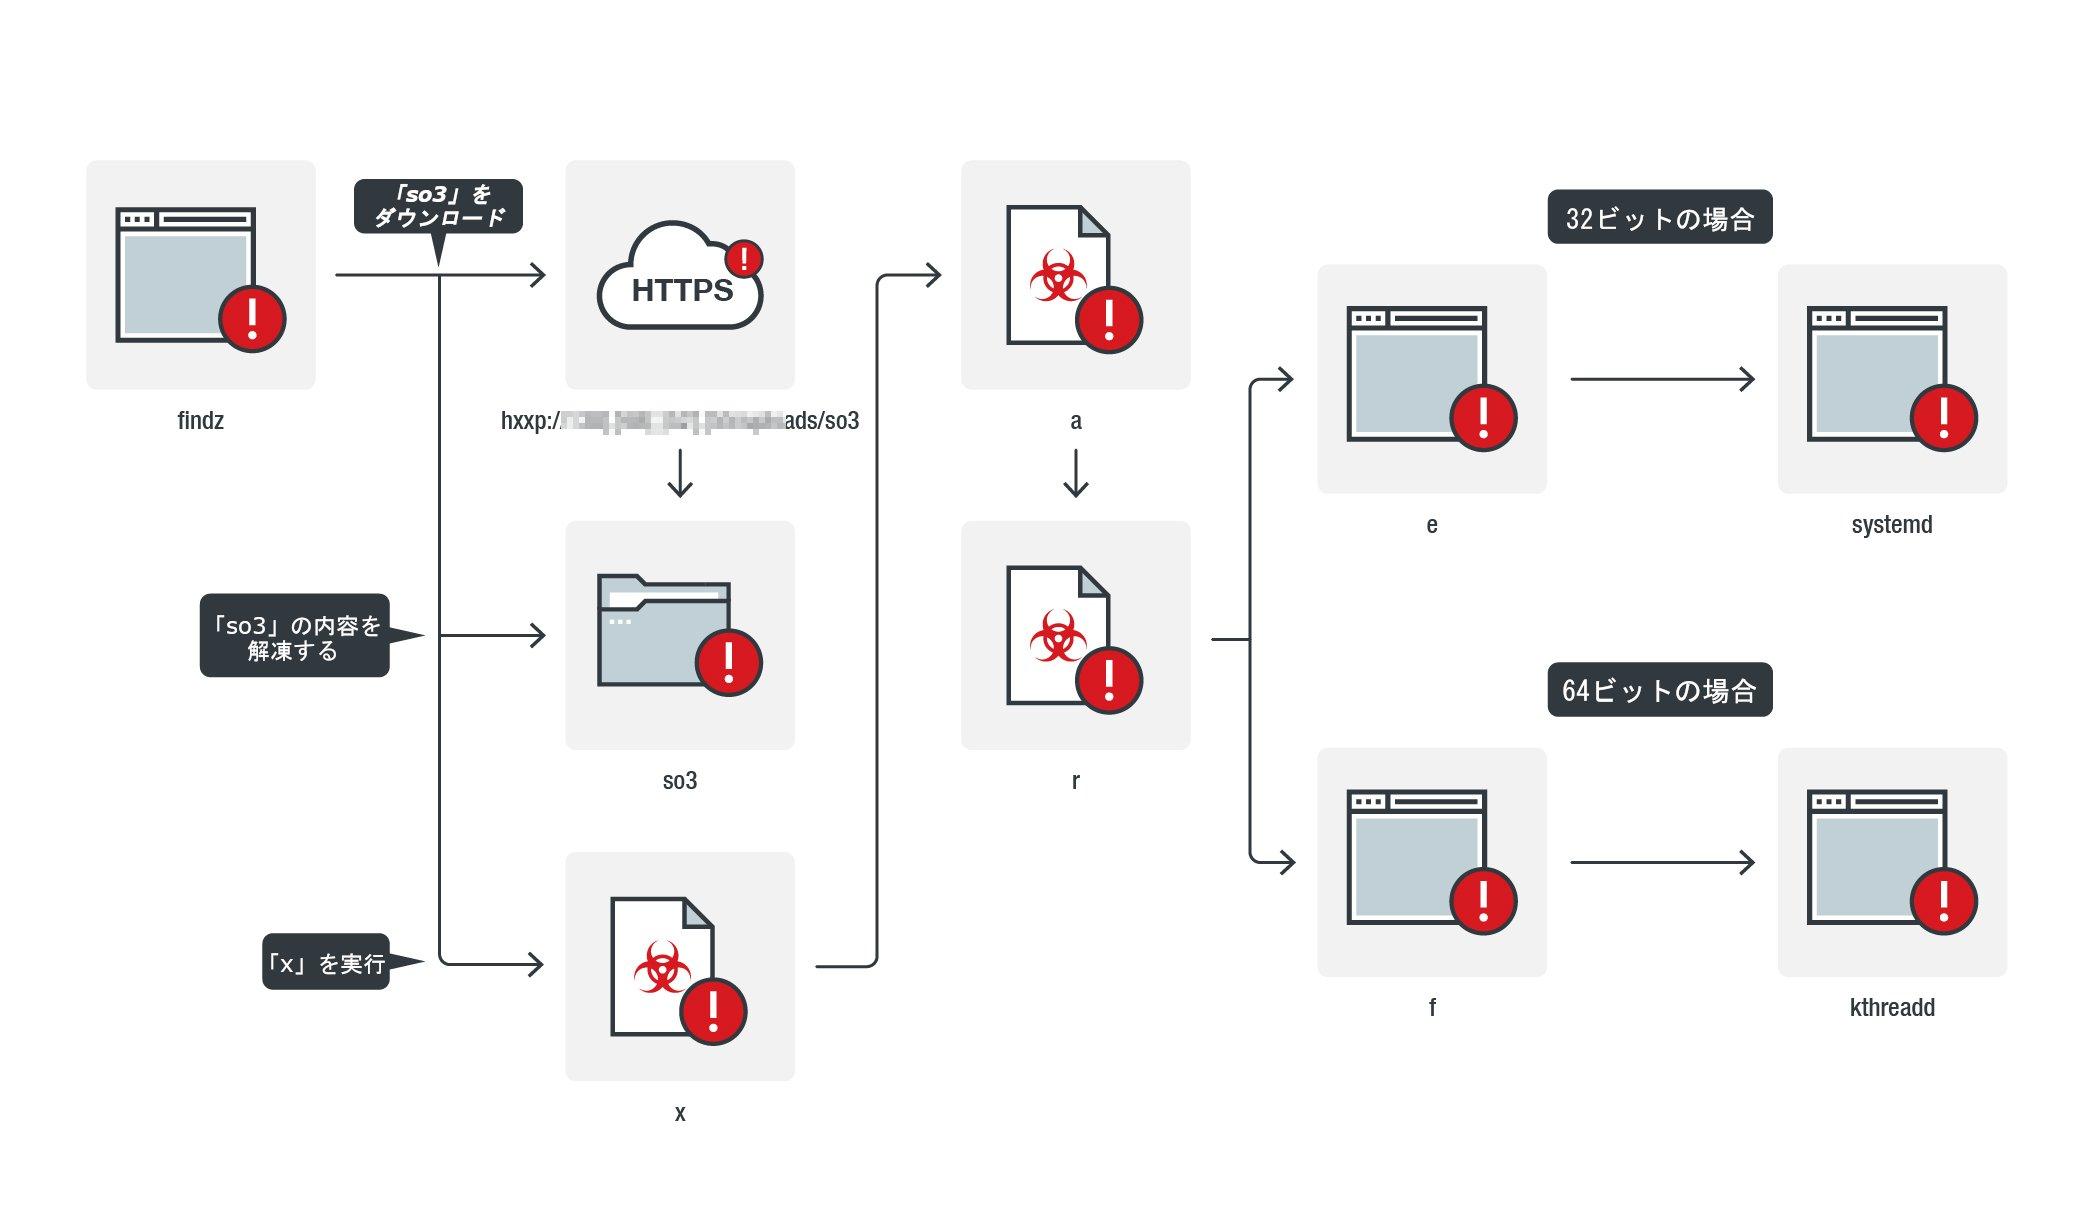 図2:「findz」の感染の流れ